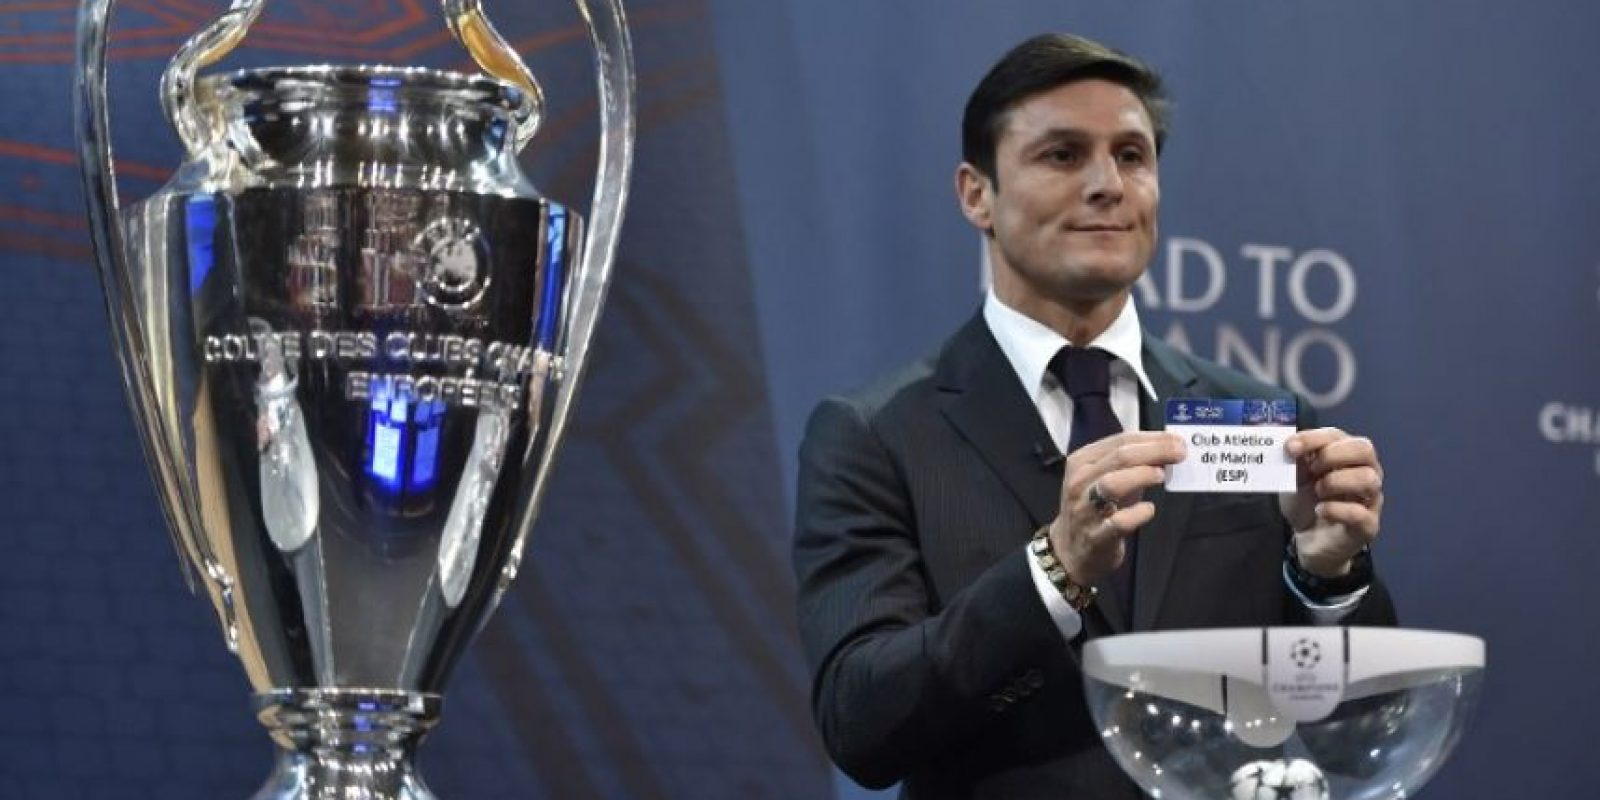 La final se disputará en el estadio Giuseppe Meazza, también conocido como Estado de San Siro, en Italia, el 28 de mayo. Foto:AFP